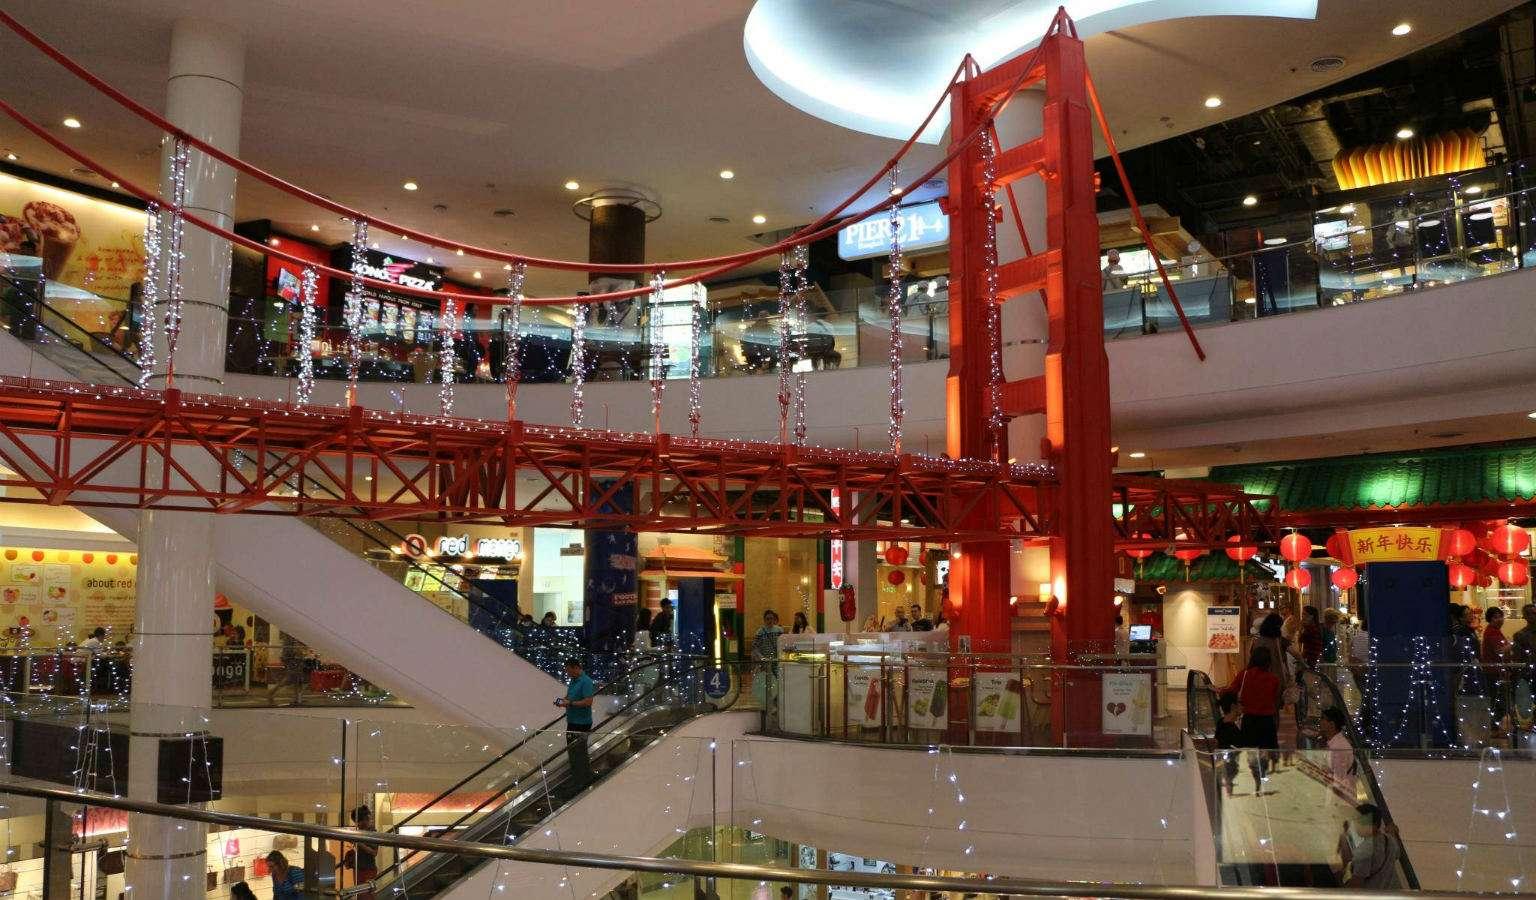 Rode brug van San Francisco nagebouwd in Terminal 21